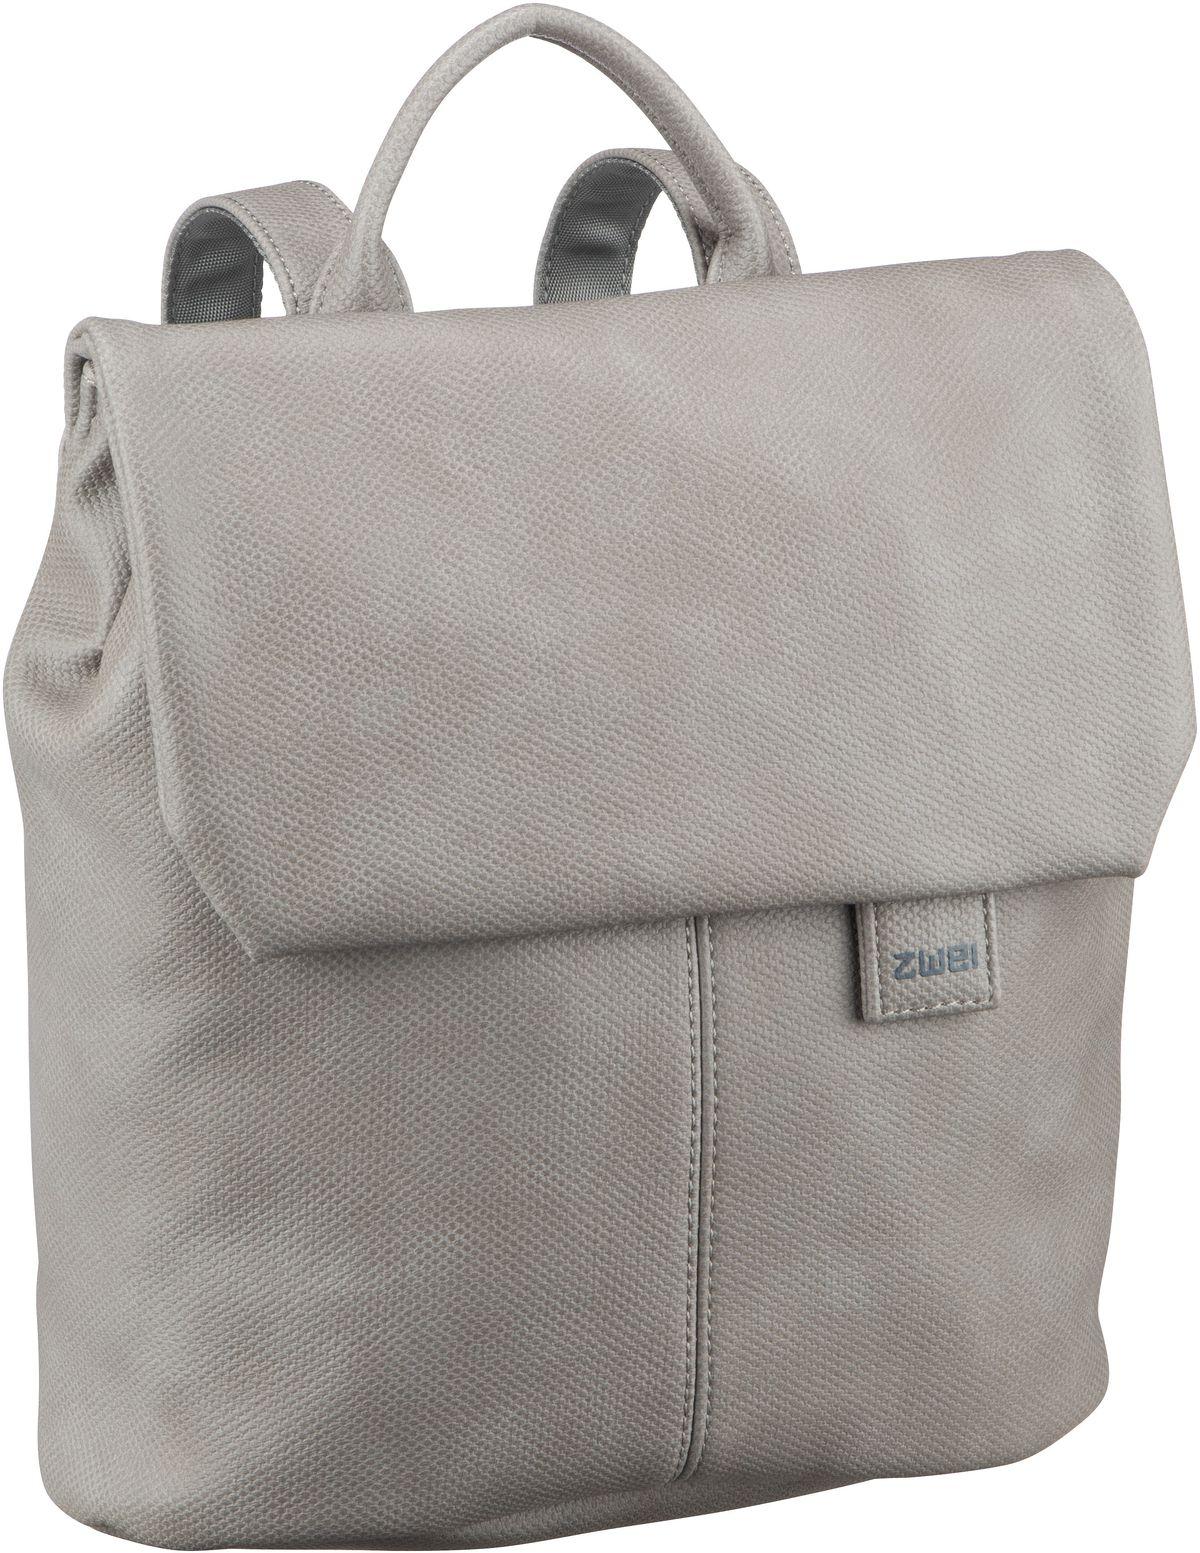 Rucksack / Daypack Mademoiselle MR8 Canvas/Grey (4 Liter)